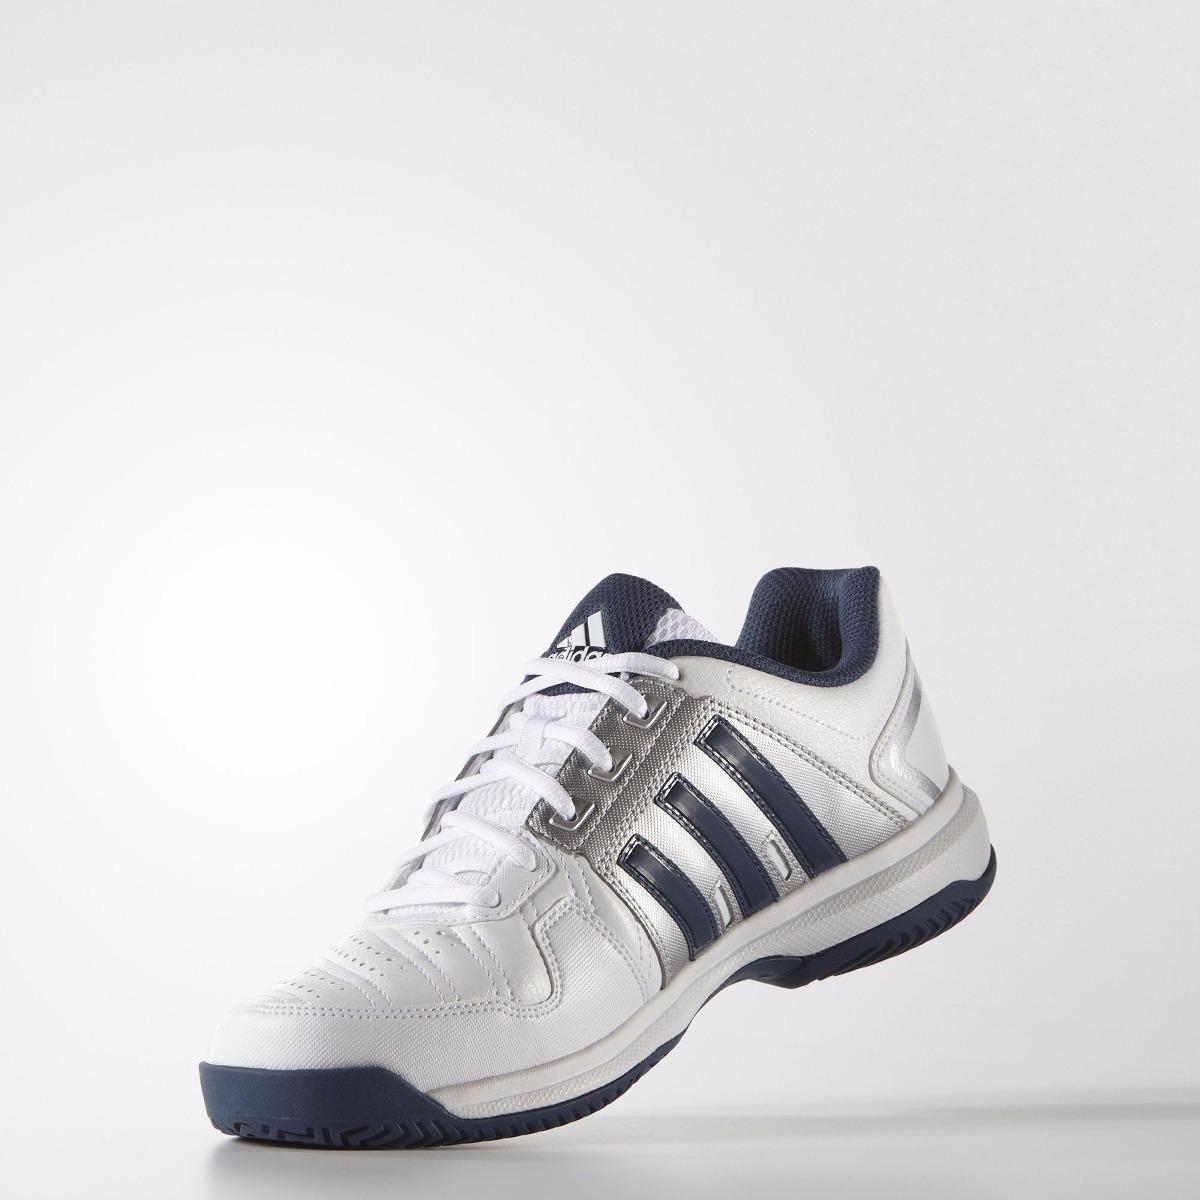 buy popular 6e366 94e75 zapatilla adidas tenis barricade approach str af6205 hombre. Cargando zoom.